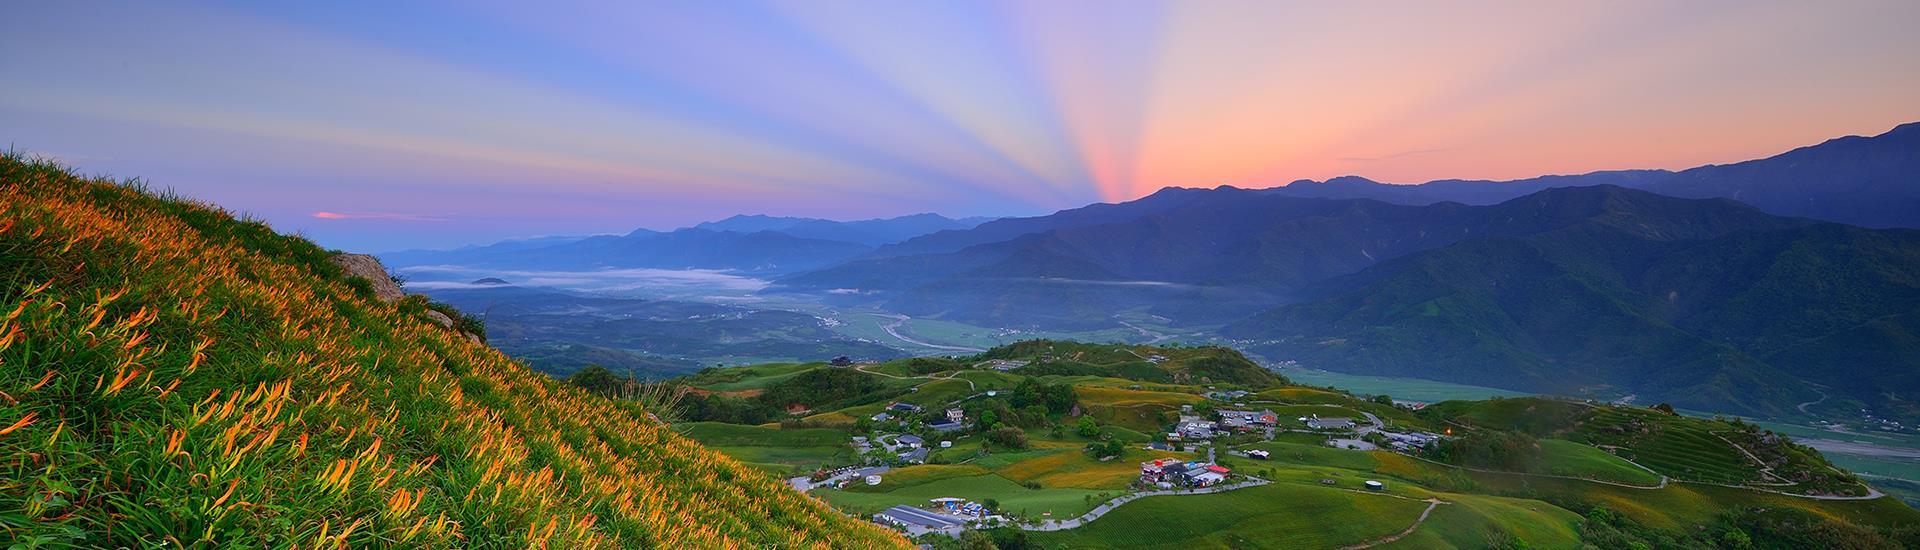 Montaña Liushishi